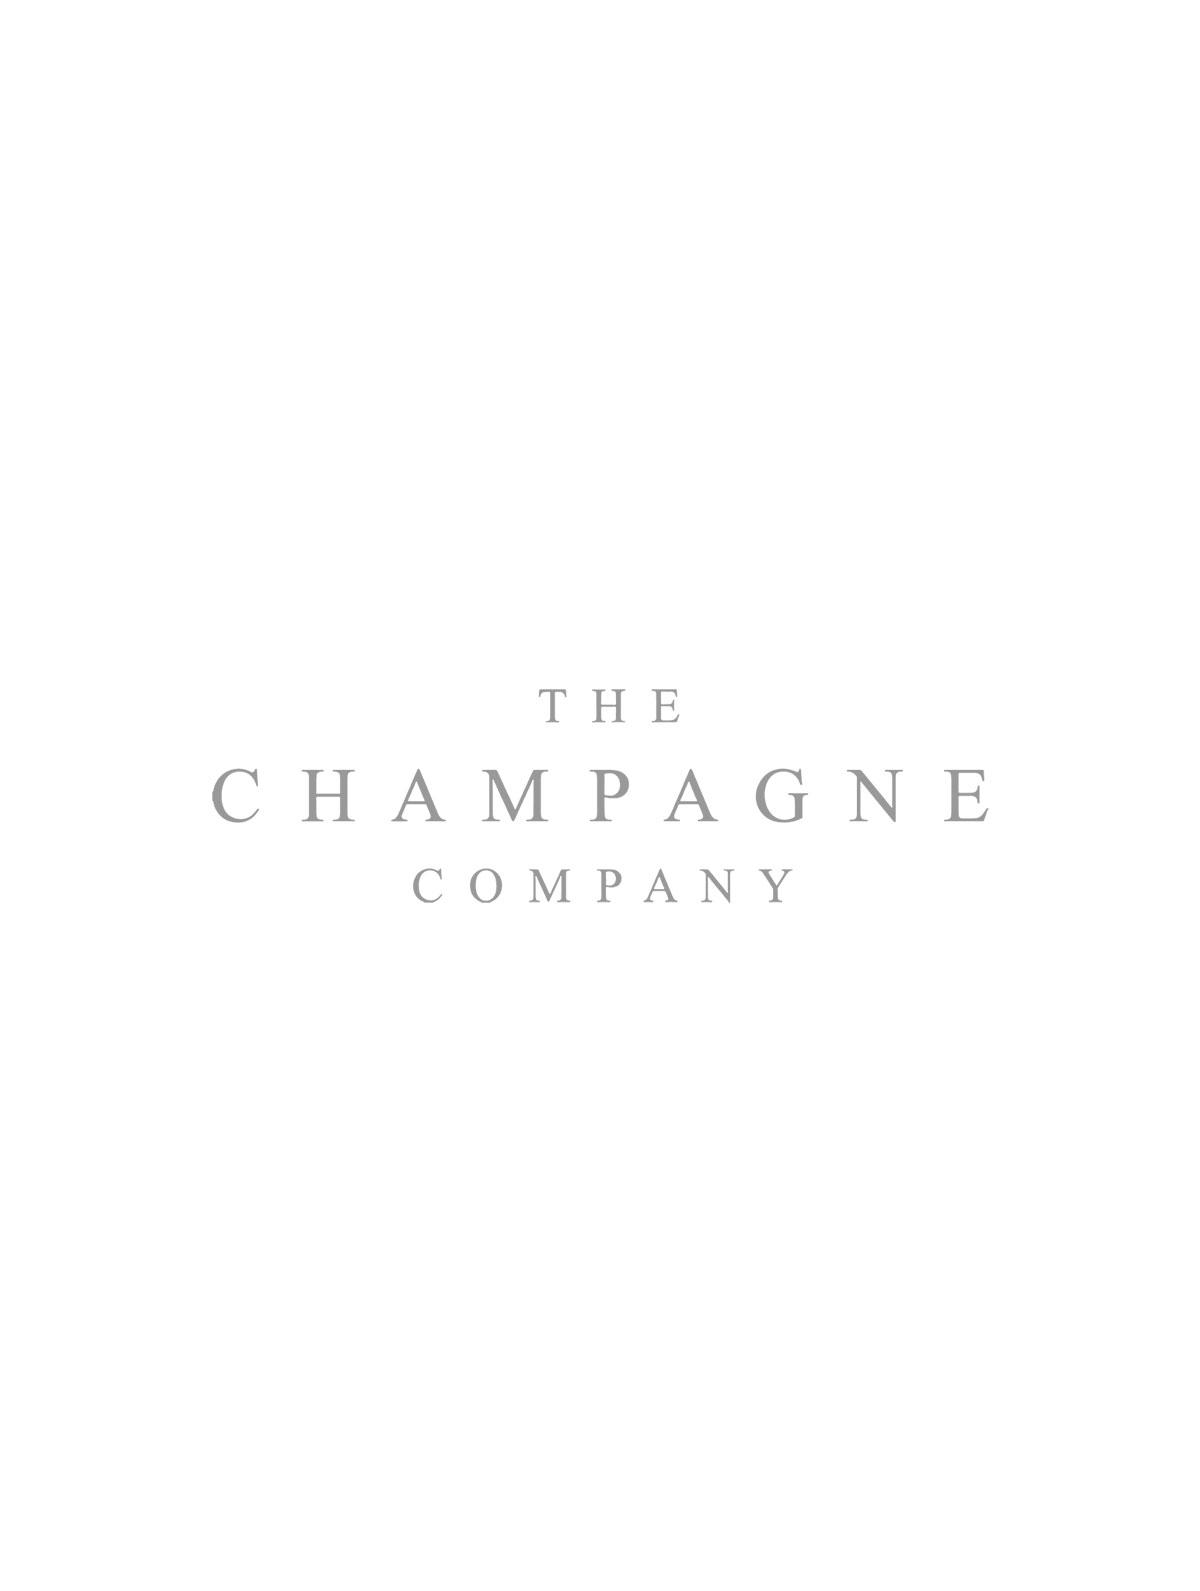 Chateau Montcabrier Bordeaux Superieur 2013 French Red Wine 75cl